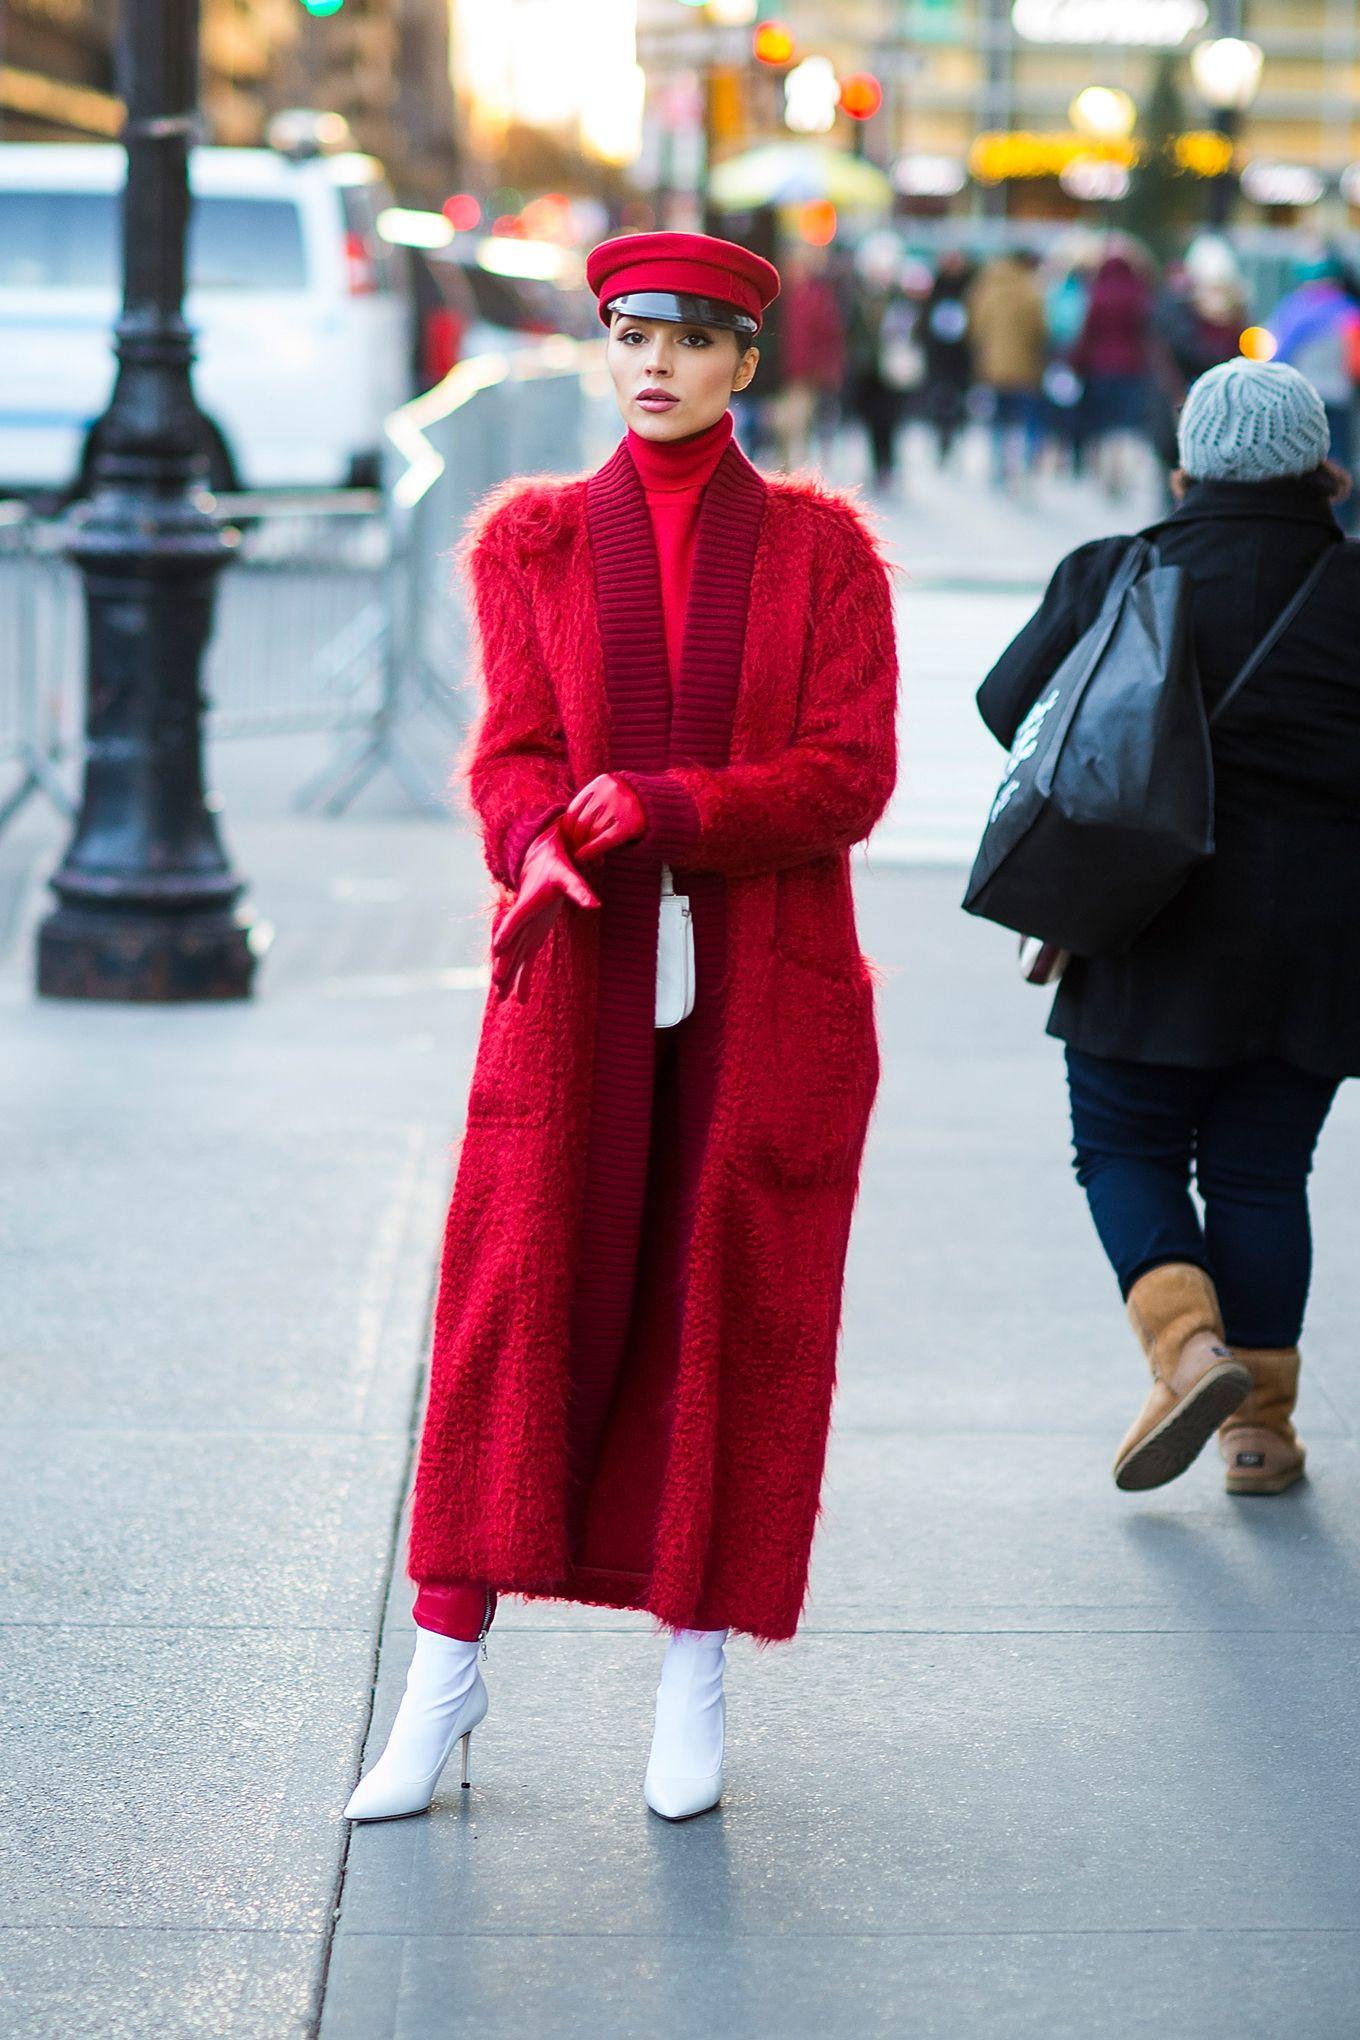 Cappotto rosso: 10 abbinamenti chic moda inverno 2018